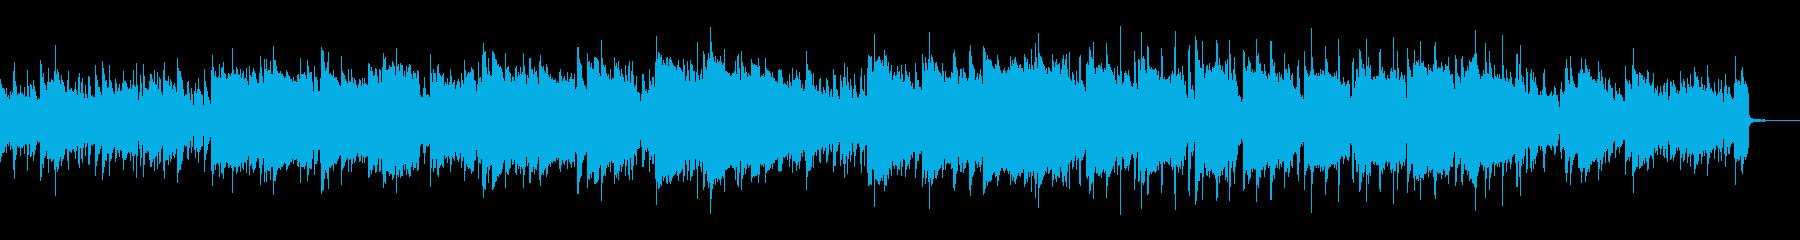 生演奏尺八アコギによる凛とした曲の再生済みの波形